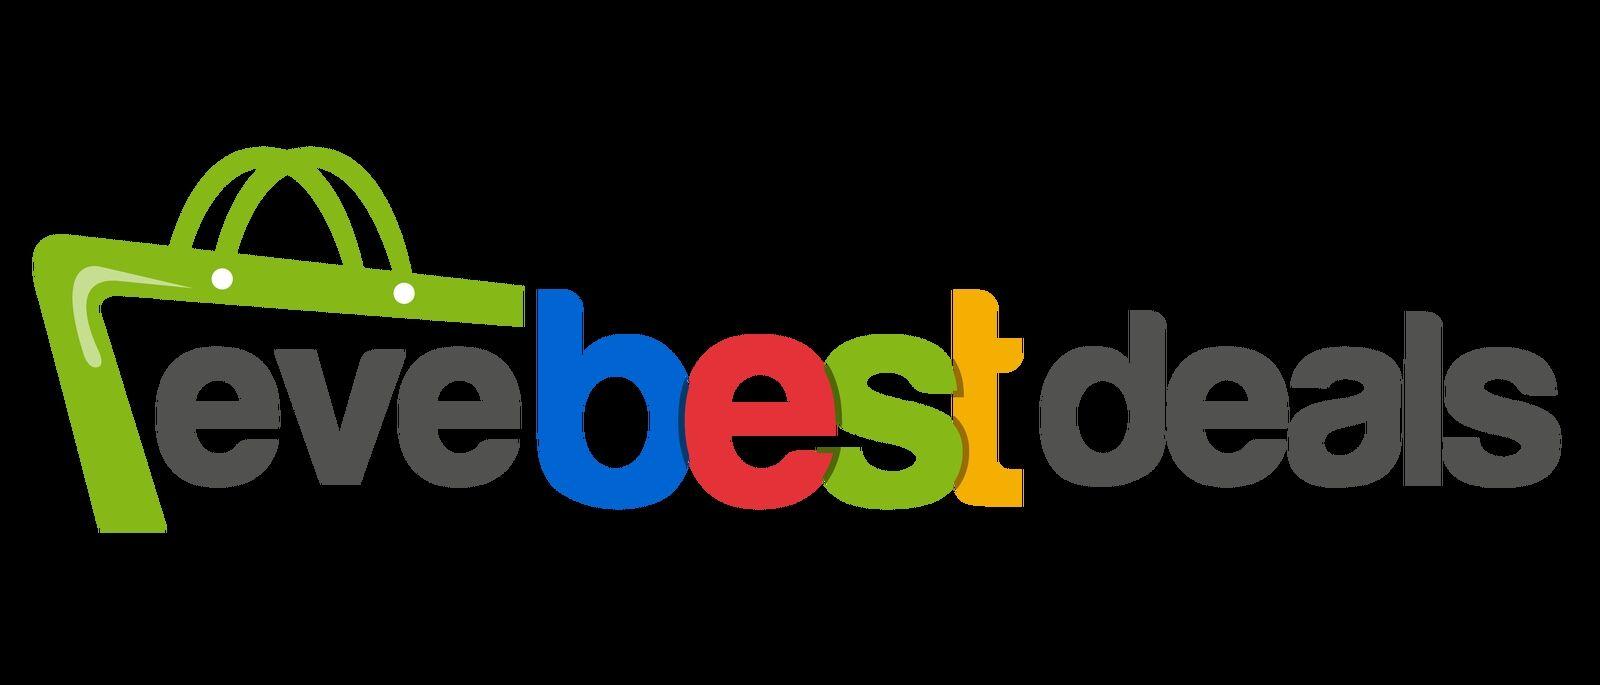 EveBestDeals